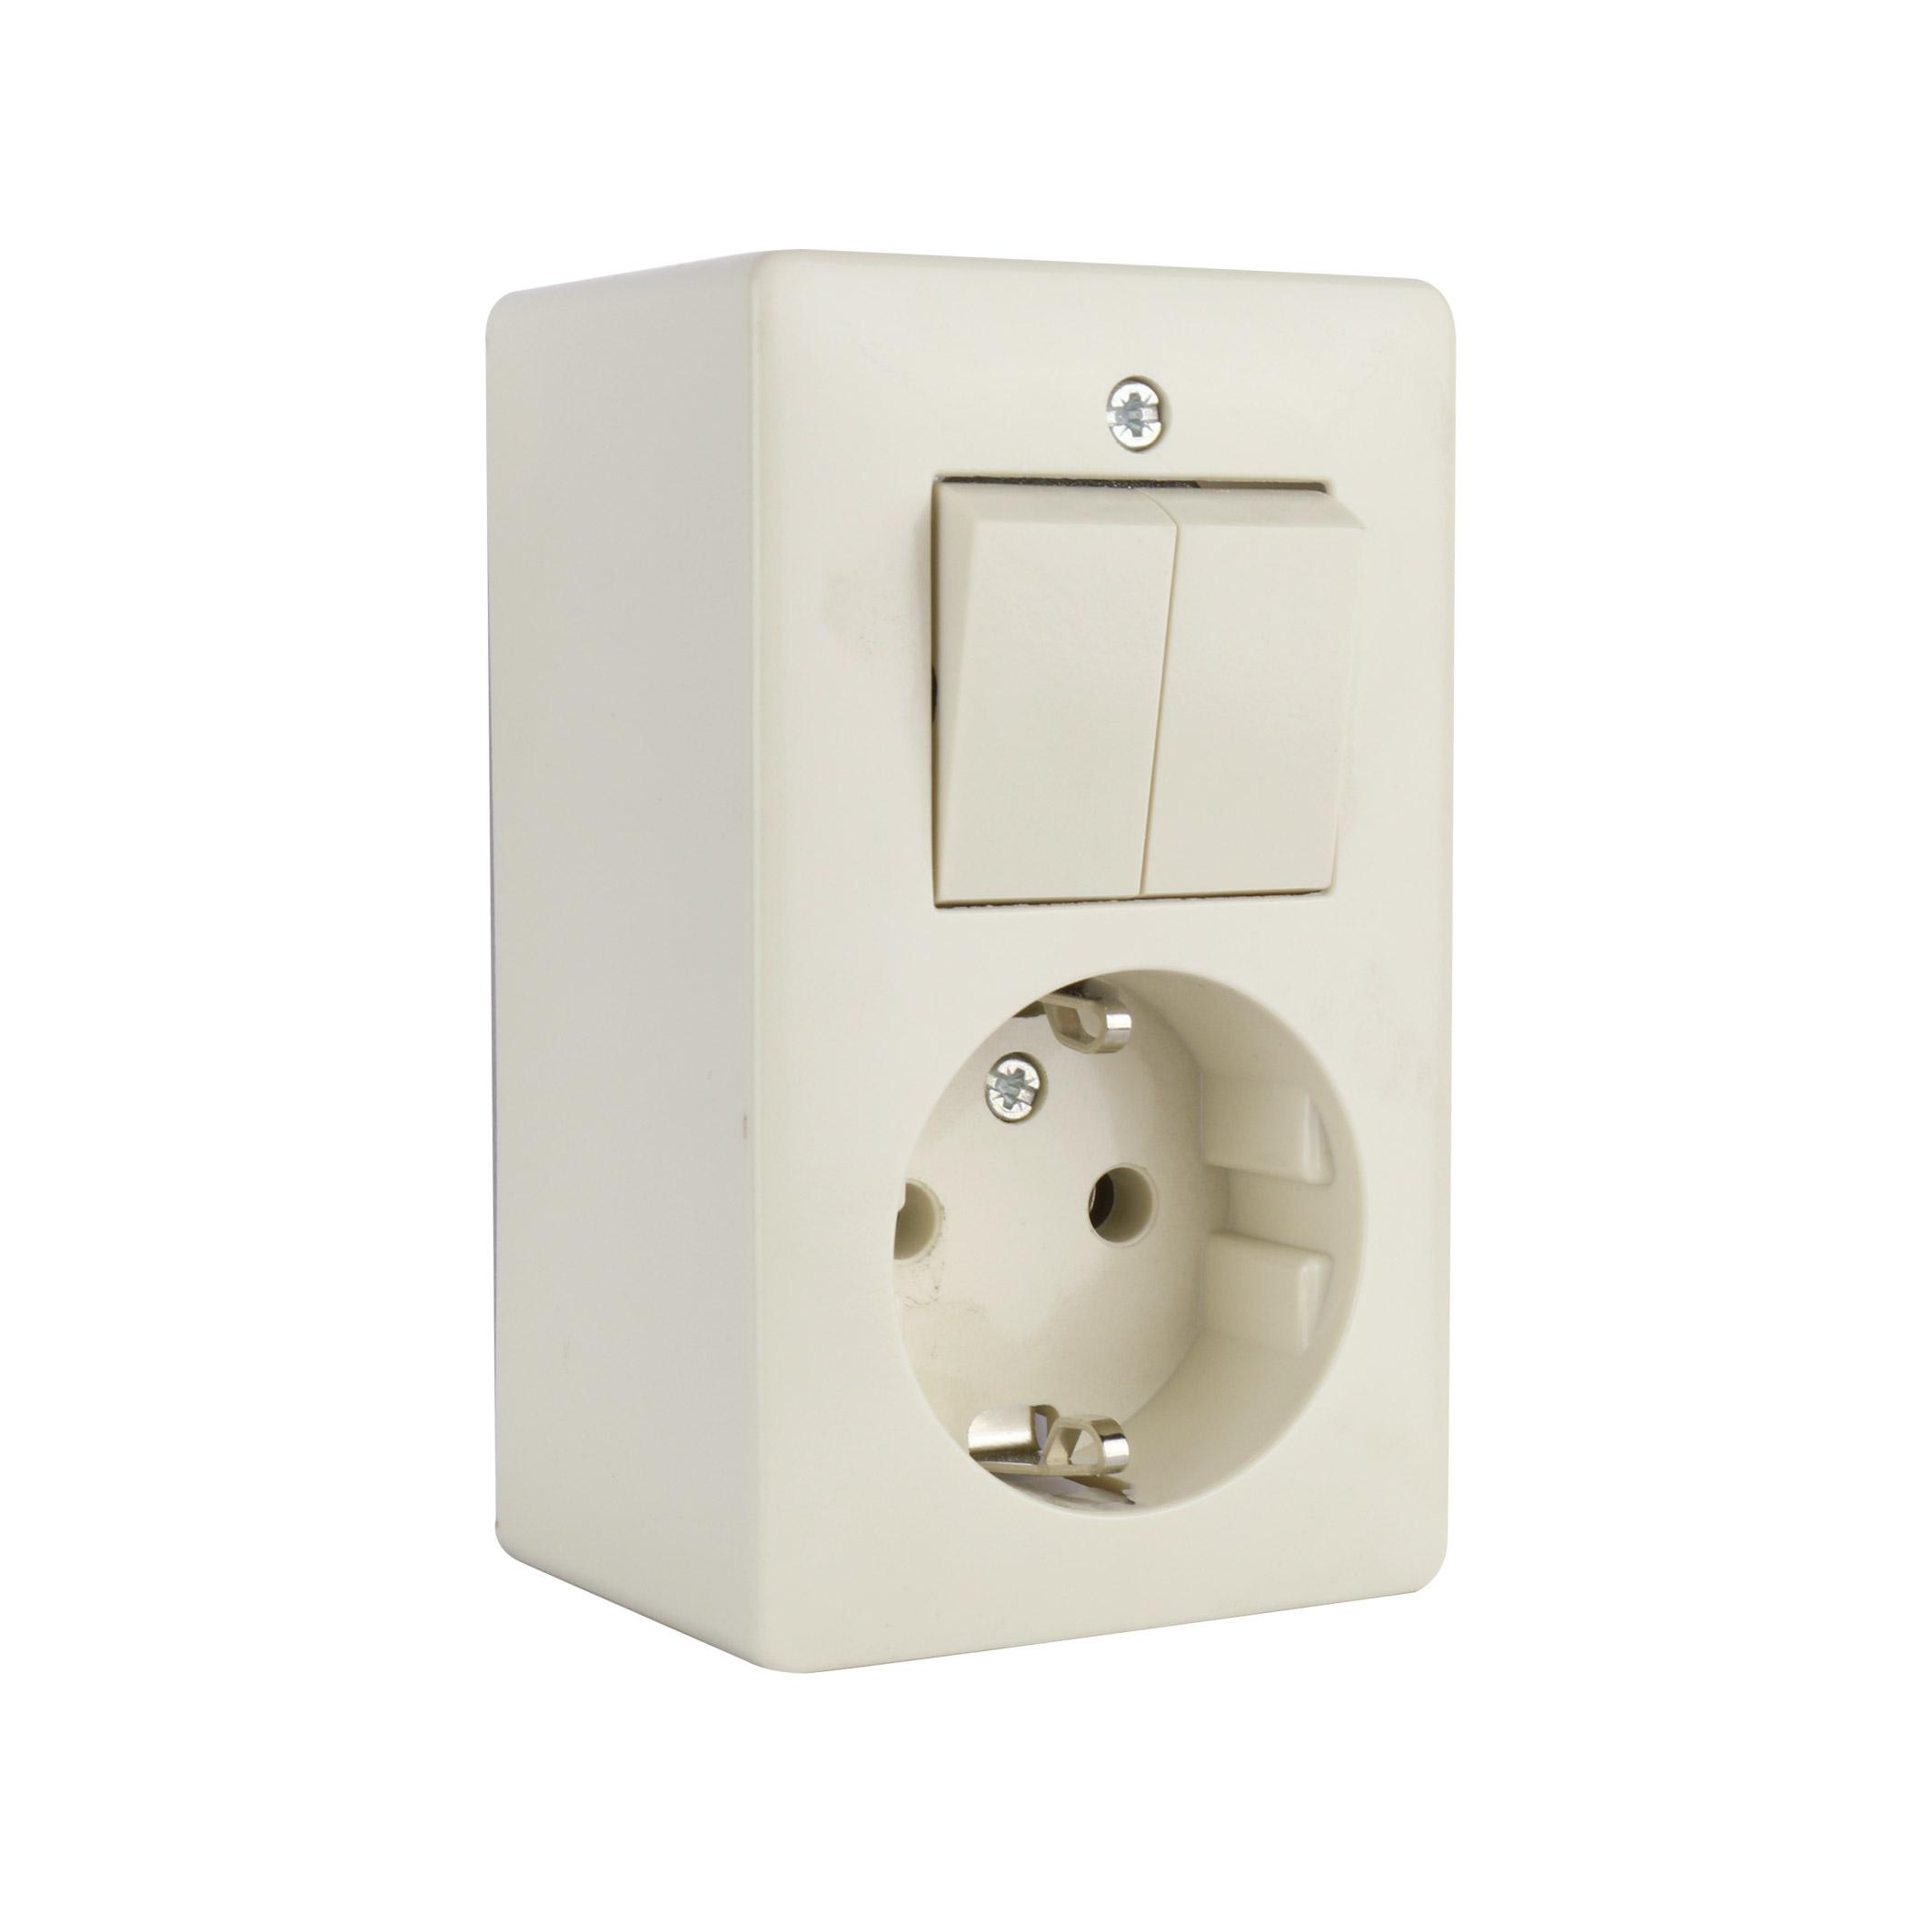 PEHA opbouw combinatie serieschakelaar en stopcontact - crème wit (H 6695)